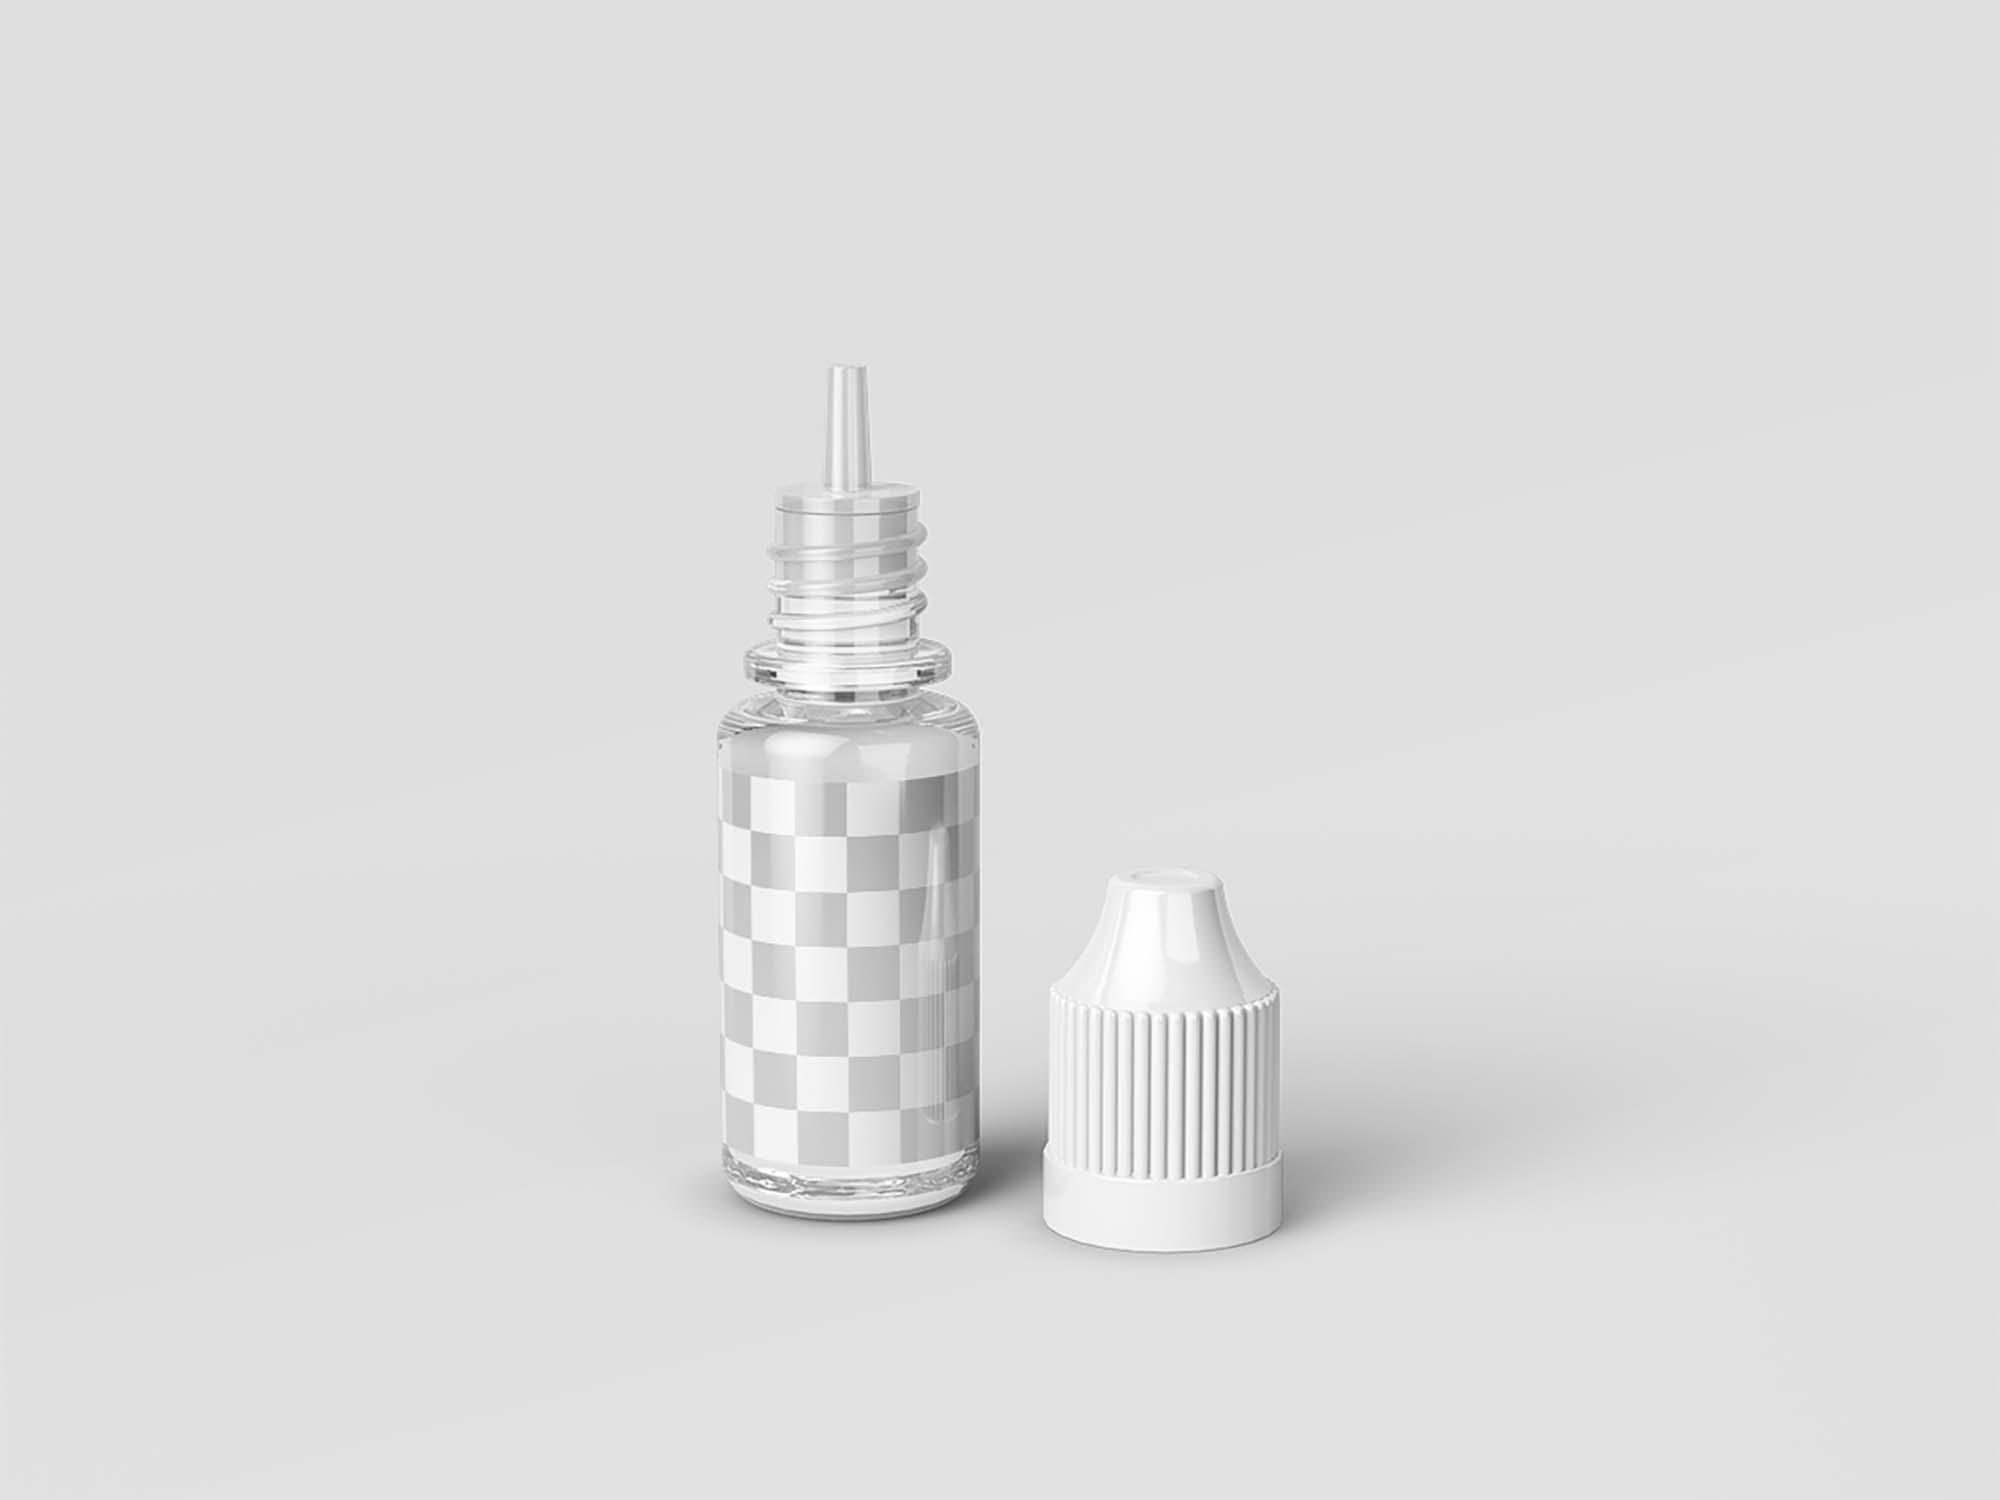 E-Juice Dropper Bottle Mockup 2